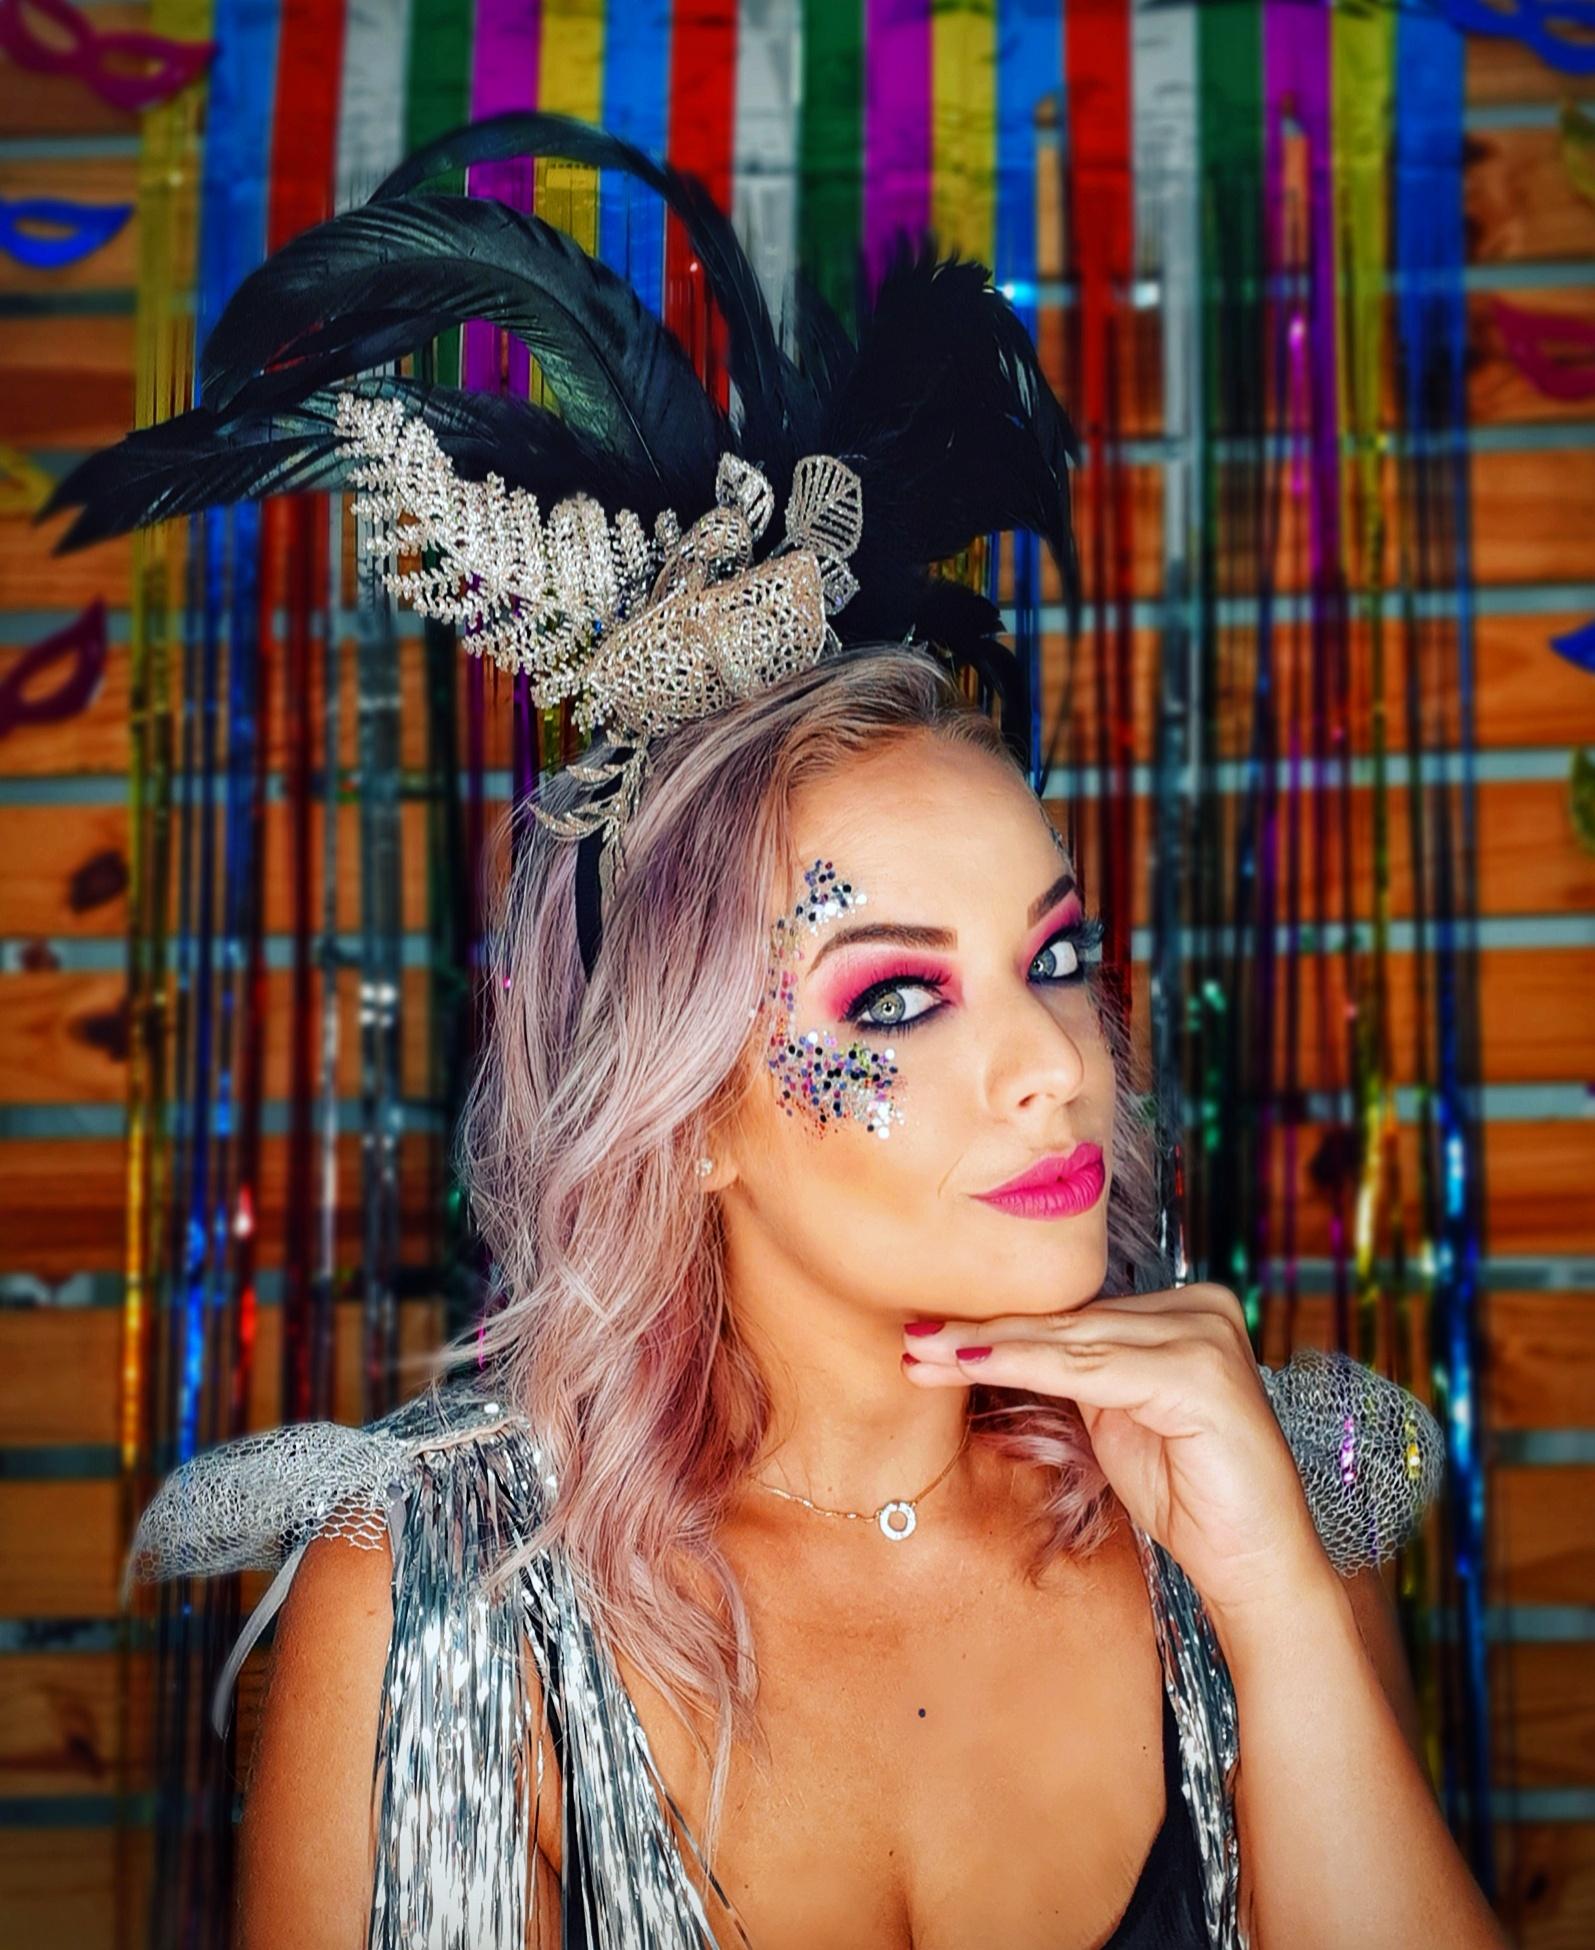 Lúcio Alvim e Urssula Agnes capricharam na produção de Carnaval de Bia Garcia. A produção pode ser vista no site es360.com.br. Foto: Divulgação